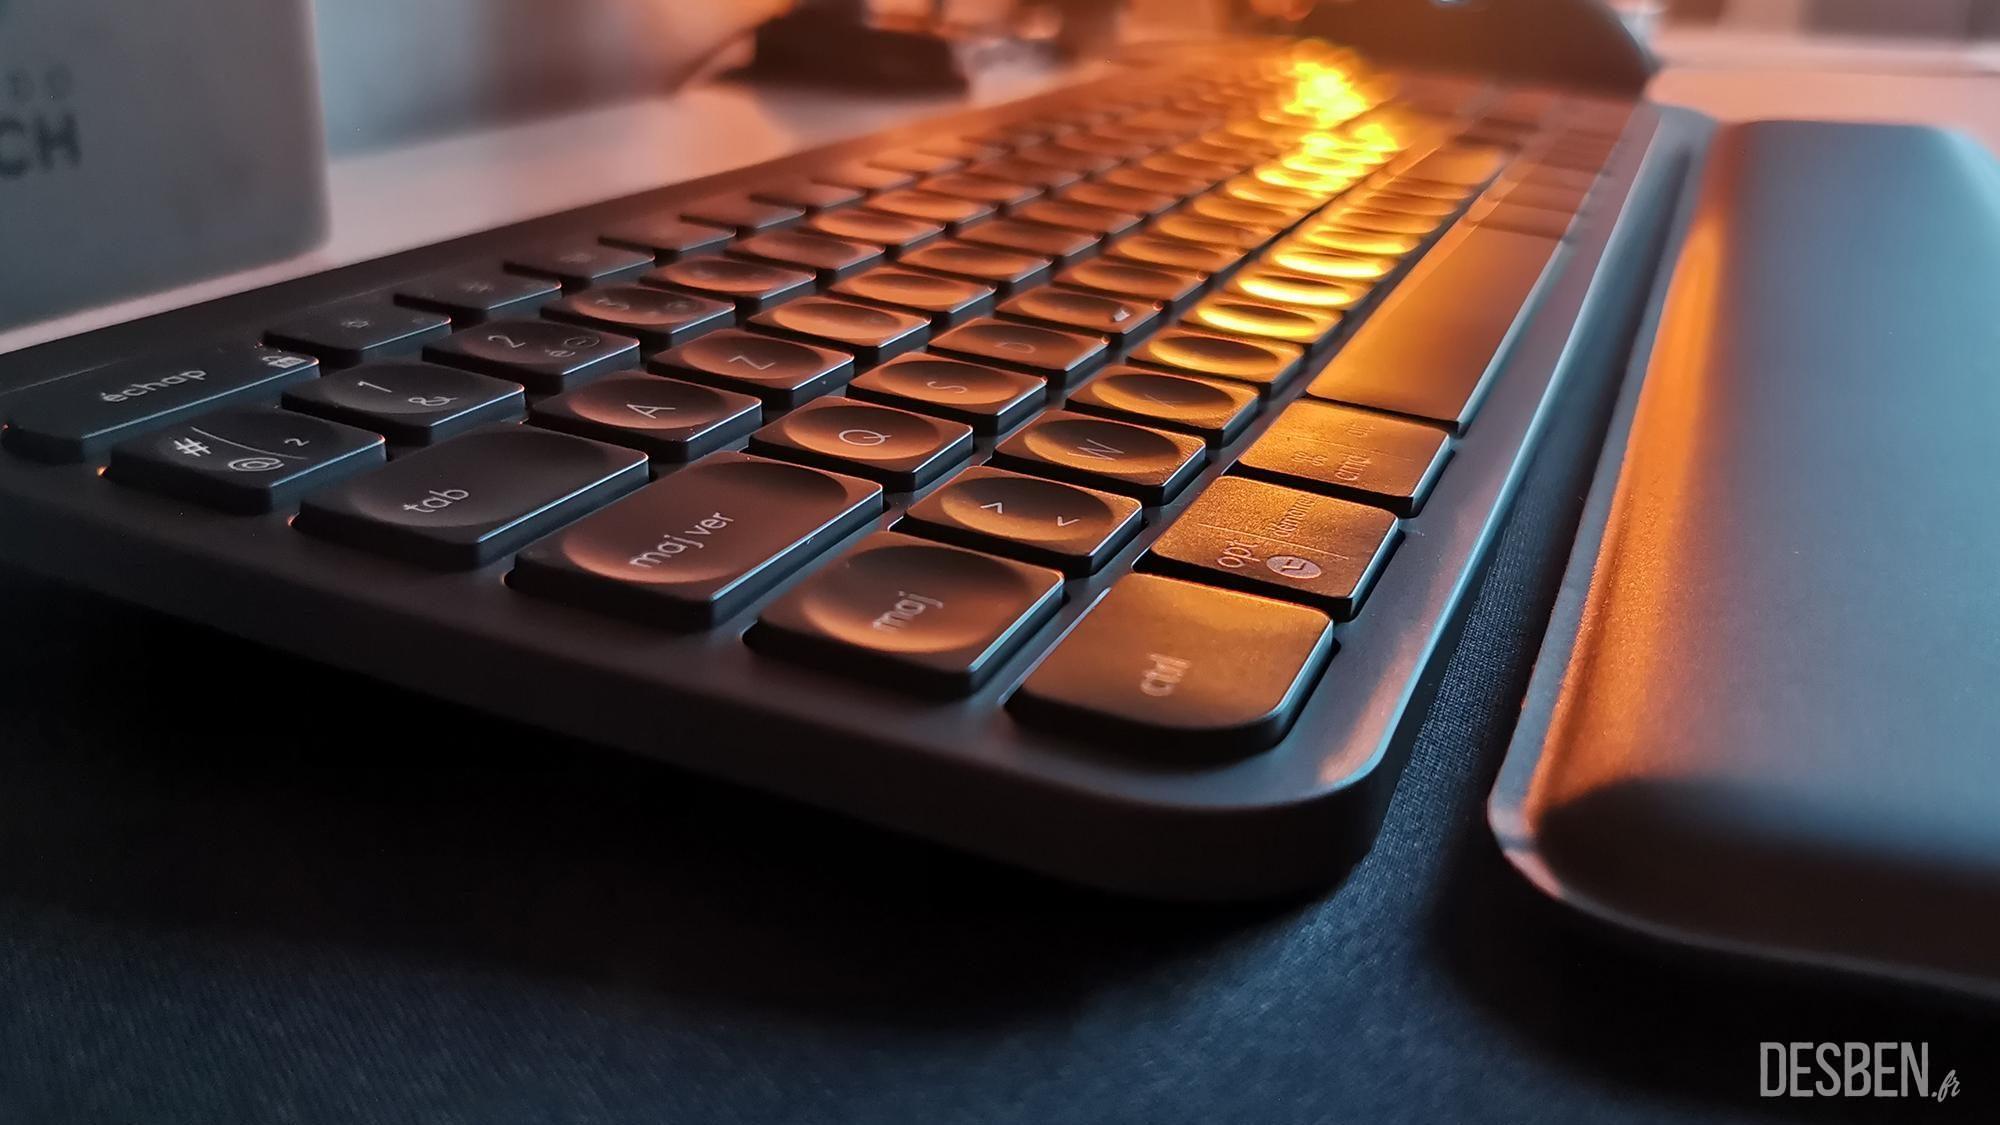 Clavier et repose poignet - Test du clavier MX Keys de Logitech